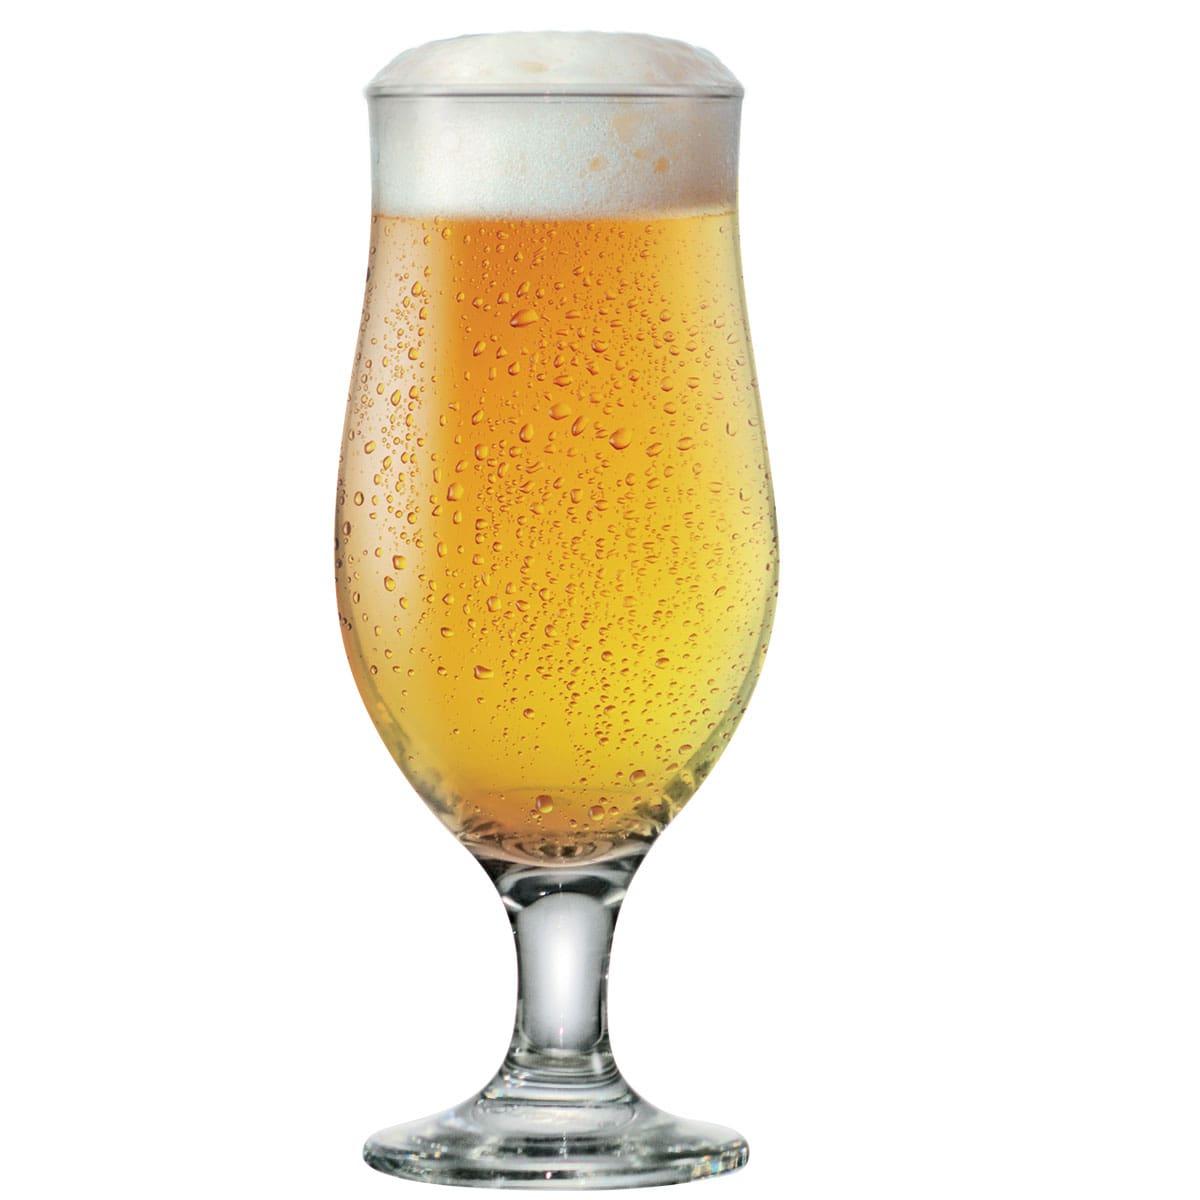 Taça de Vidro Royal Beer 330ml R$9.33 a unid. (Caixa com 24 unidades)